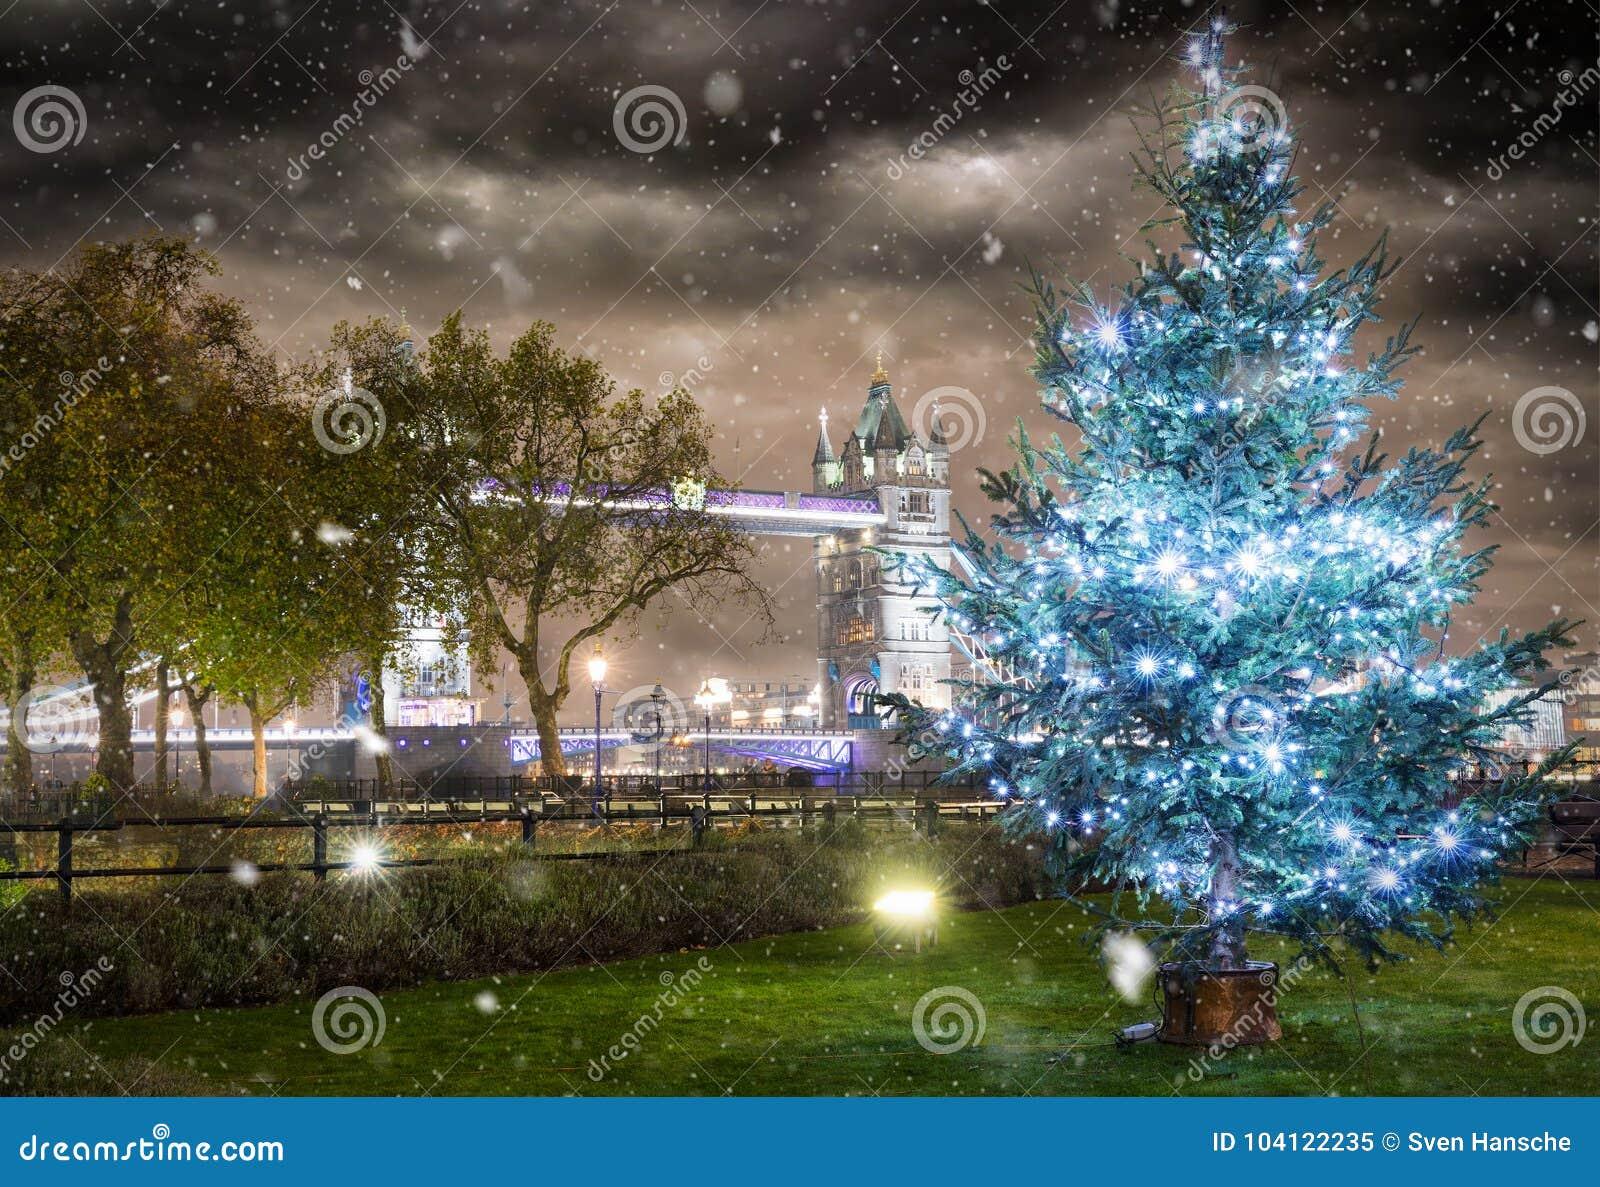 A ponte icónica da torre no tempo de inverno com uma árvore de Natal